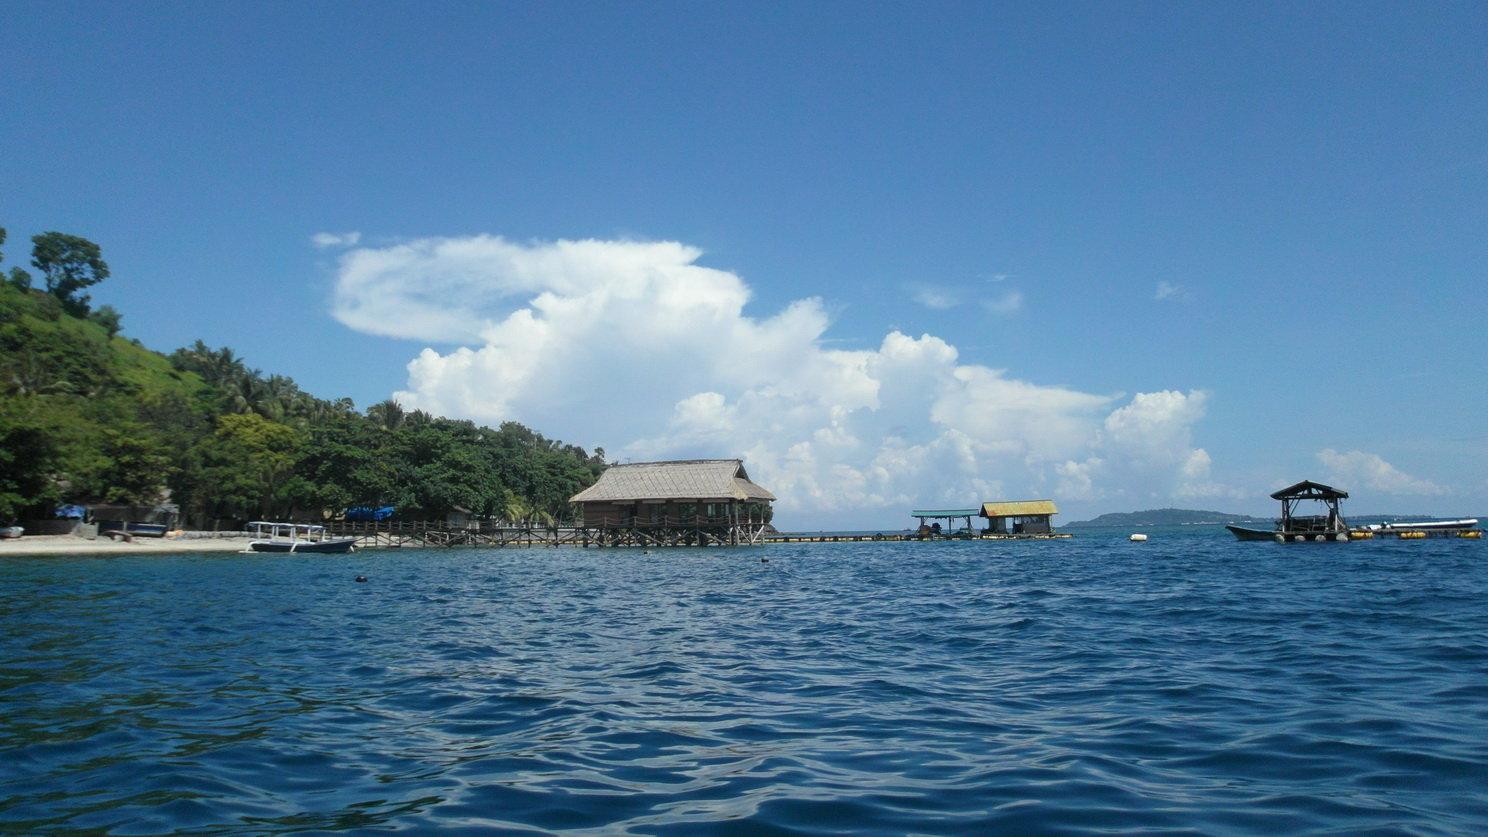 [分享]3月16-21日印尼龙目岛-lombok归来~~~非常非常美丽的岛屿呀